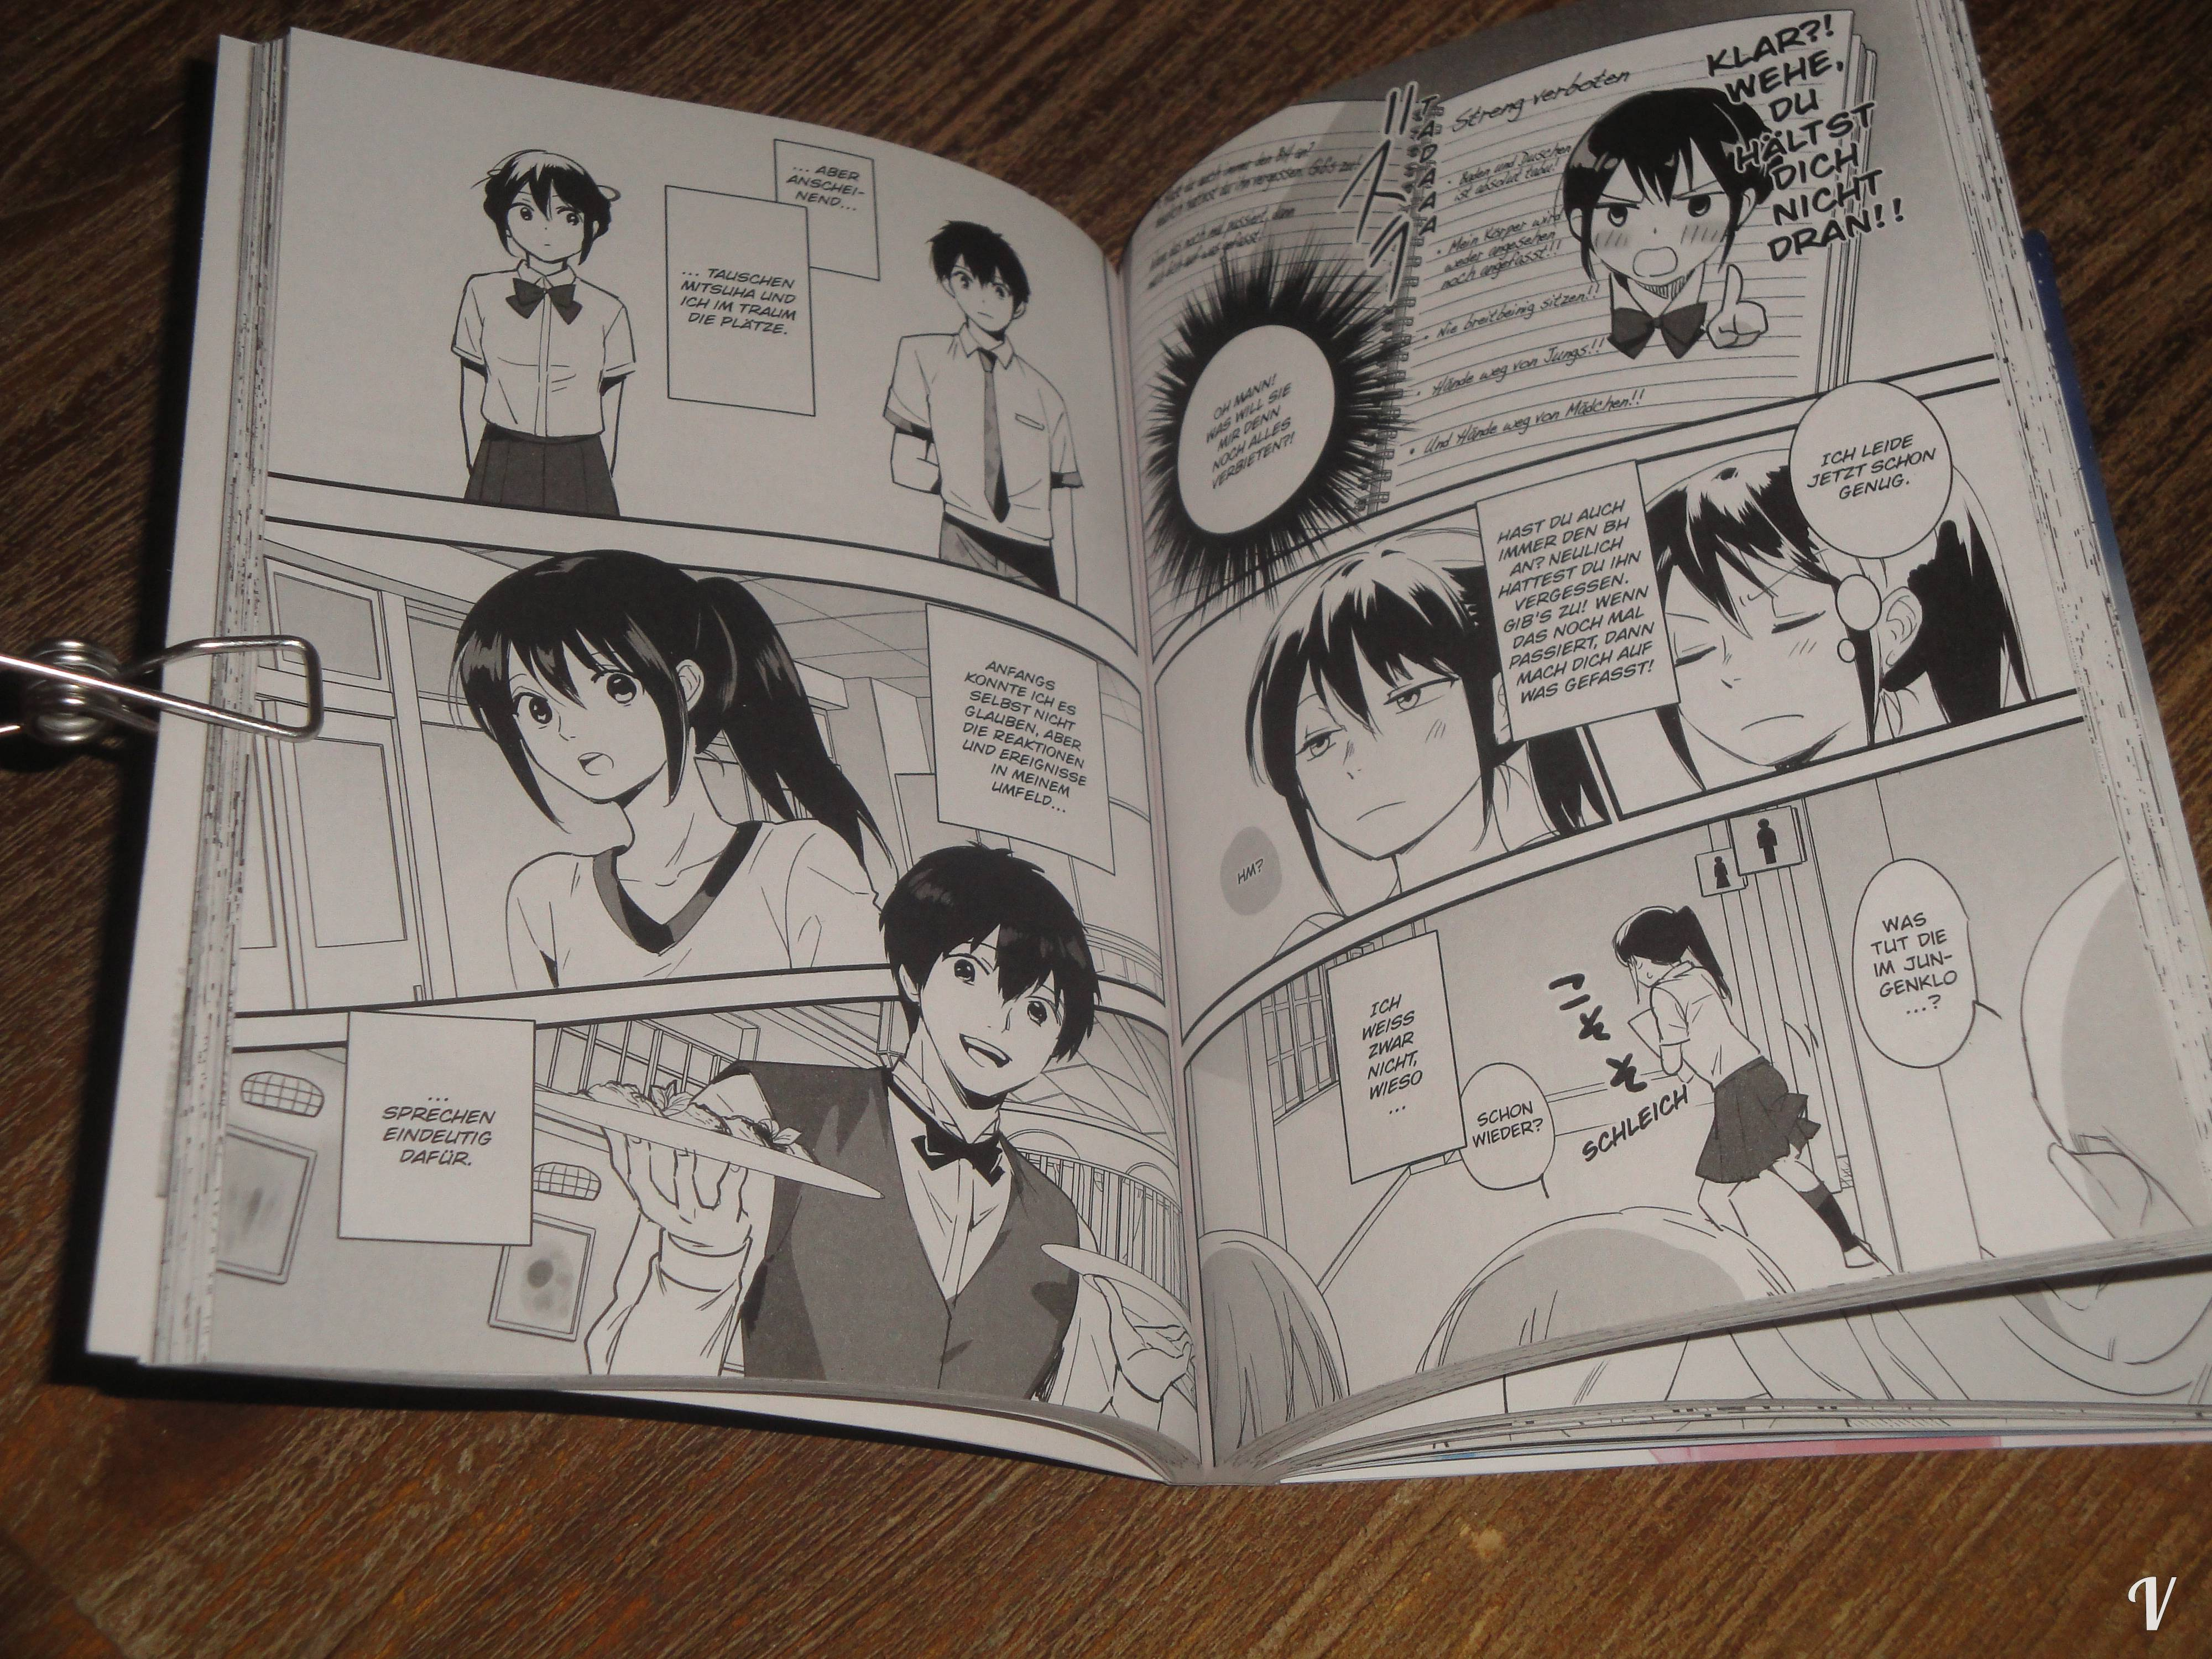 Manga] Your Name [1] - Vincisblog